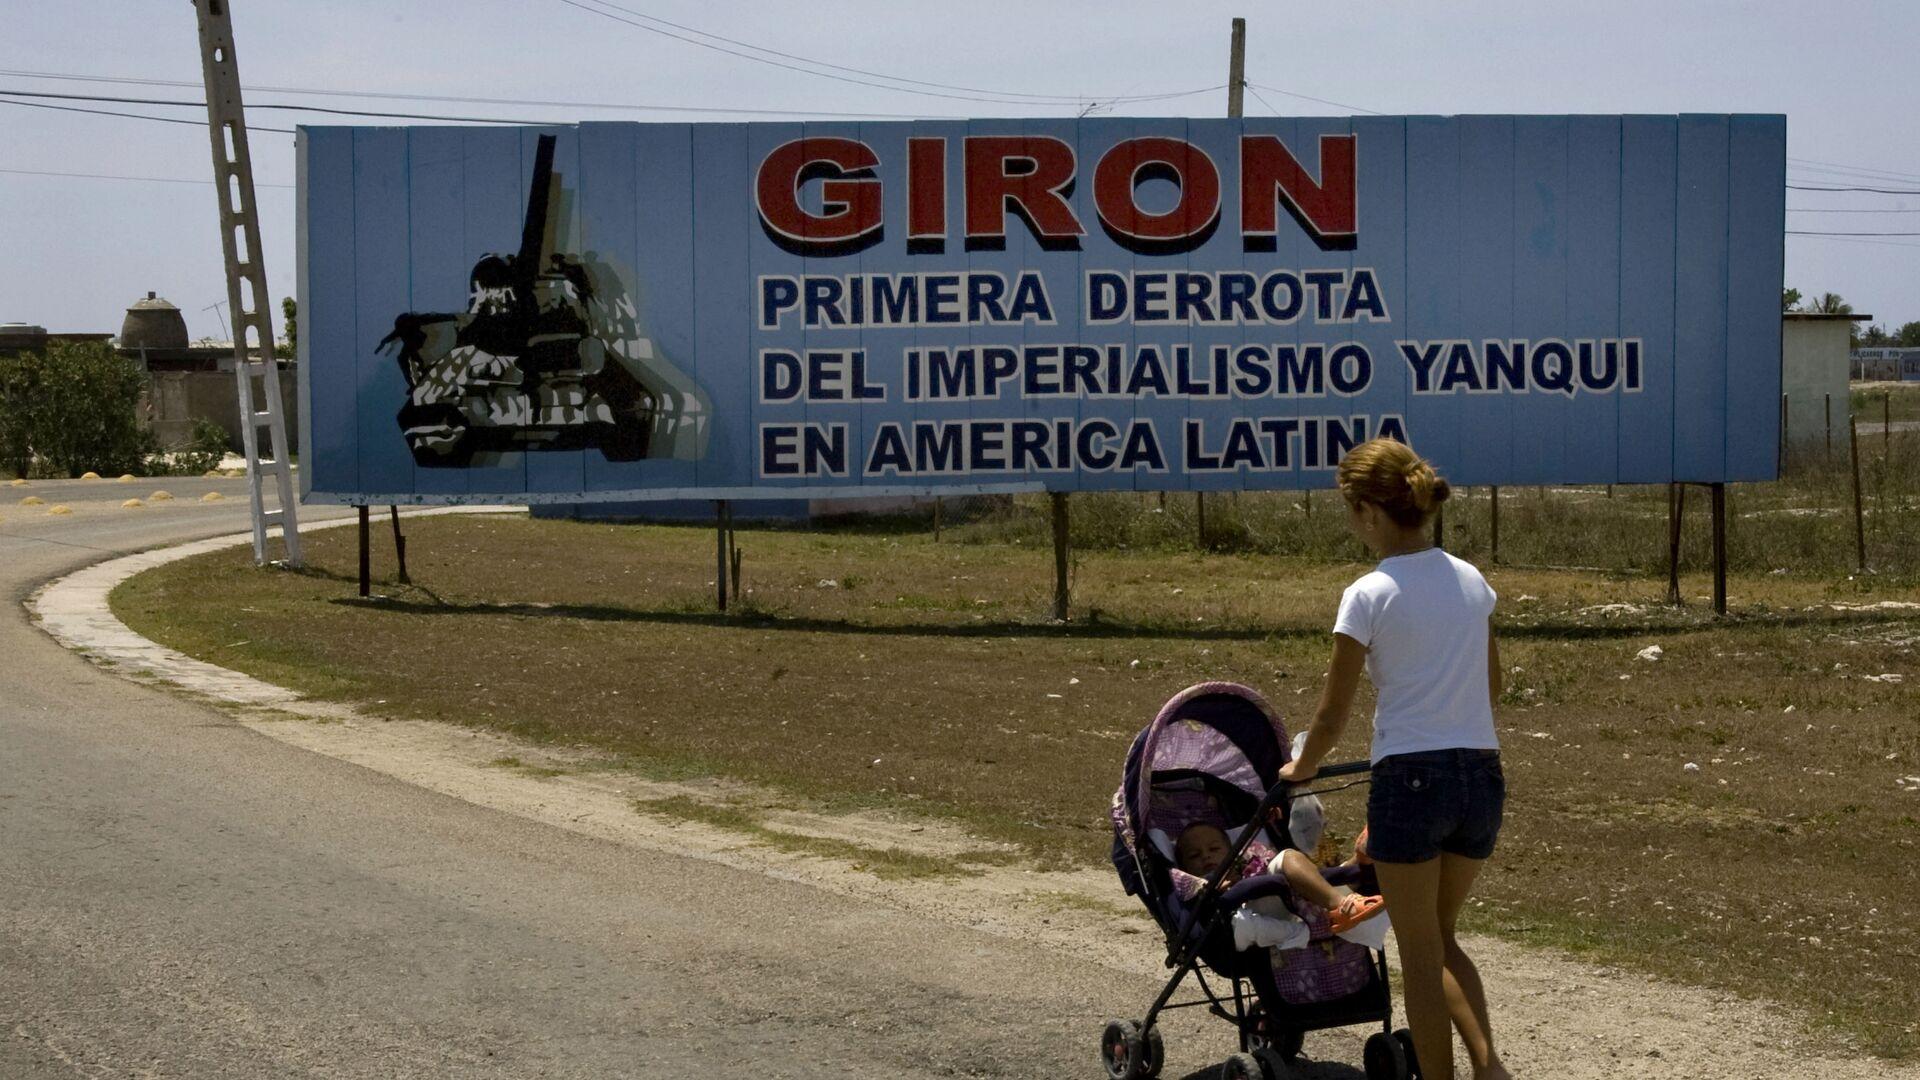 Cartel ubicado a la entrada del municipio Girón, en Matanzas, Cuba - Sputnik Mundo, 1920, 15.04.2021